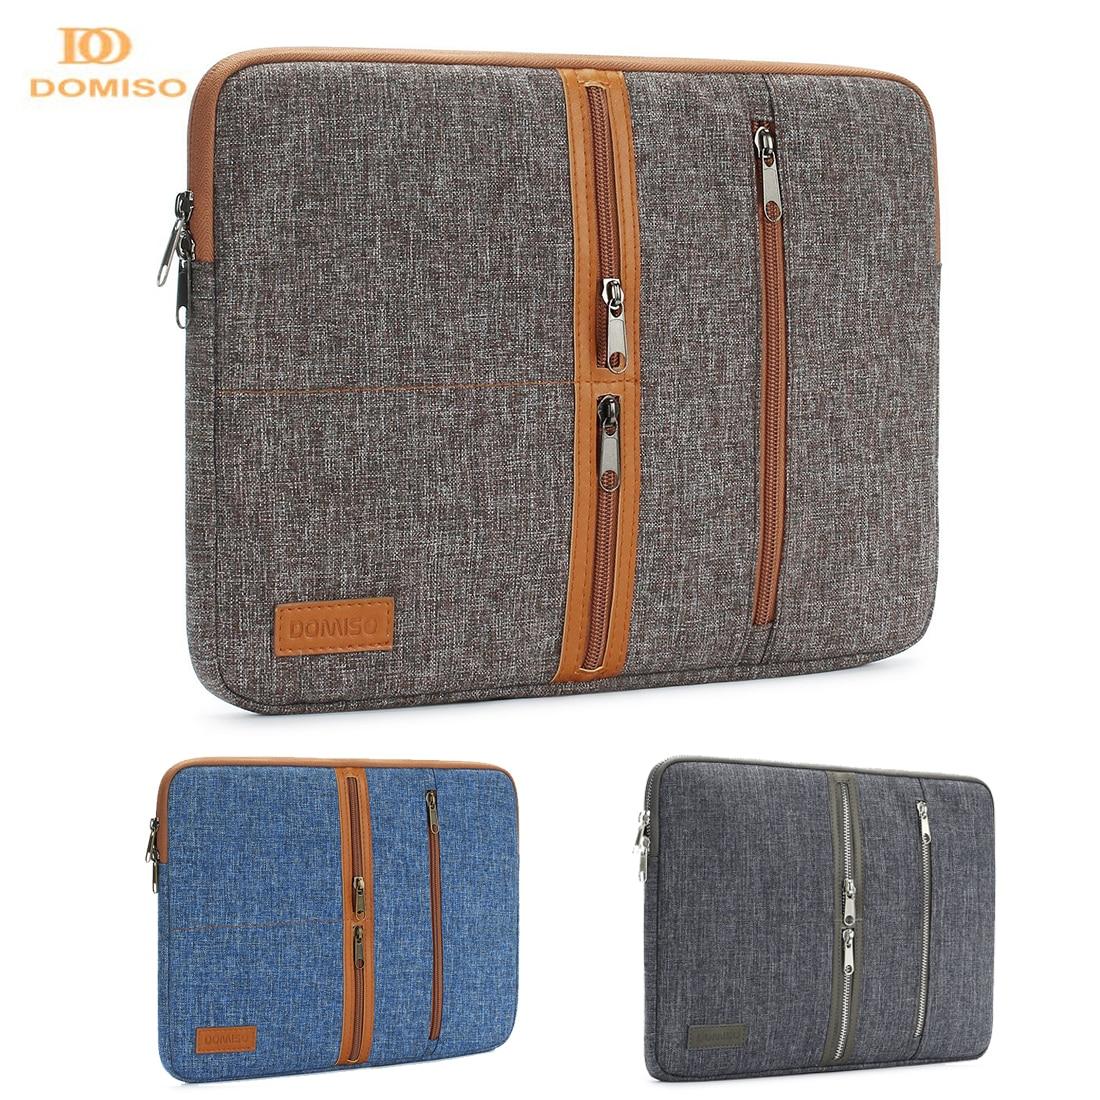 DOMISO 10 11 13 14 15 6 Inch Laptop Sleeve Case Unique Computer Bag Pouch Cover